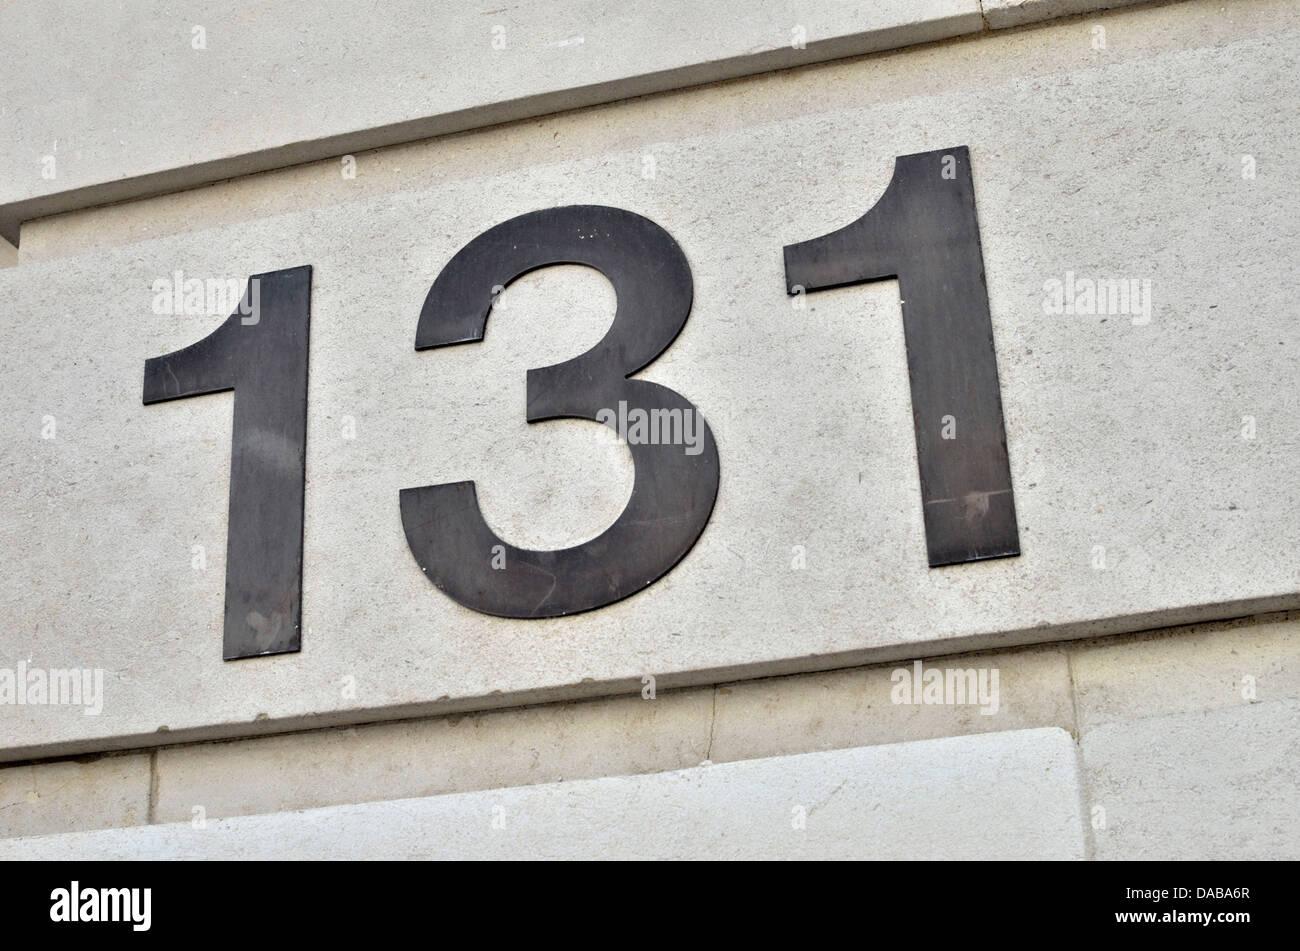 Le nombre 131 sur un mur Photo Stock